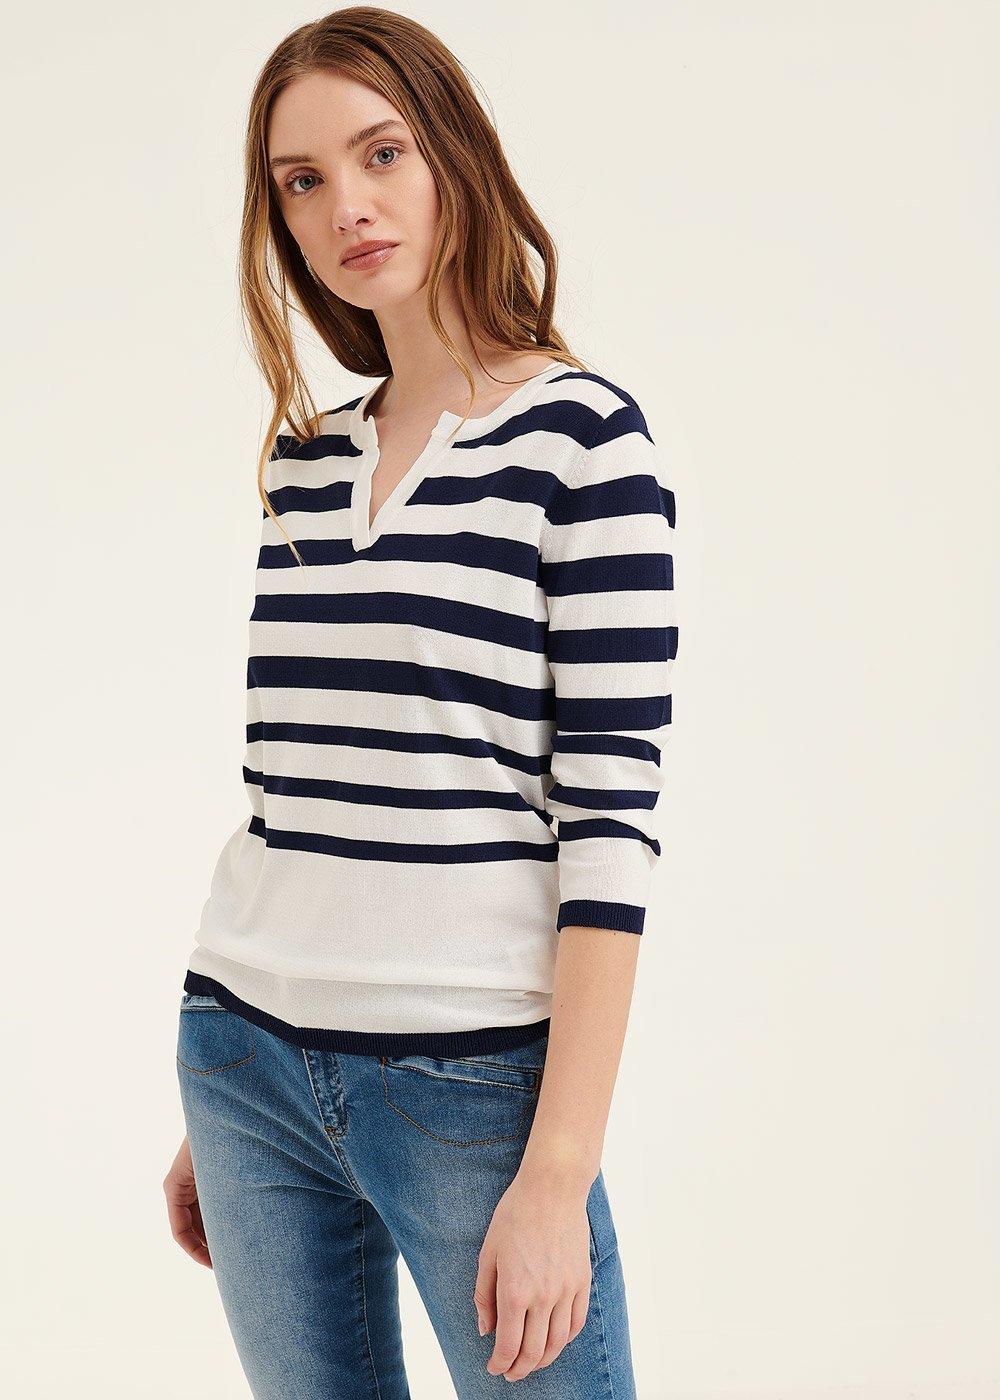 T-shirt Morgan scollo a goccia - White\ Oltremare Stripes - Donna